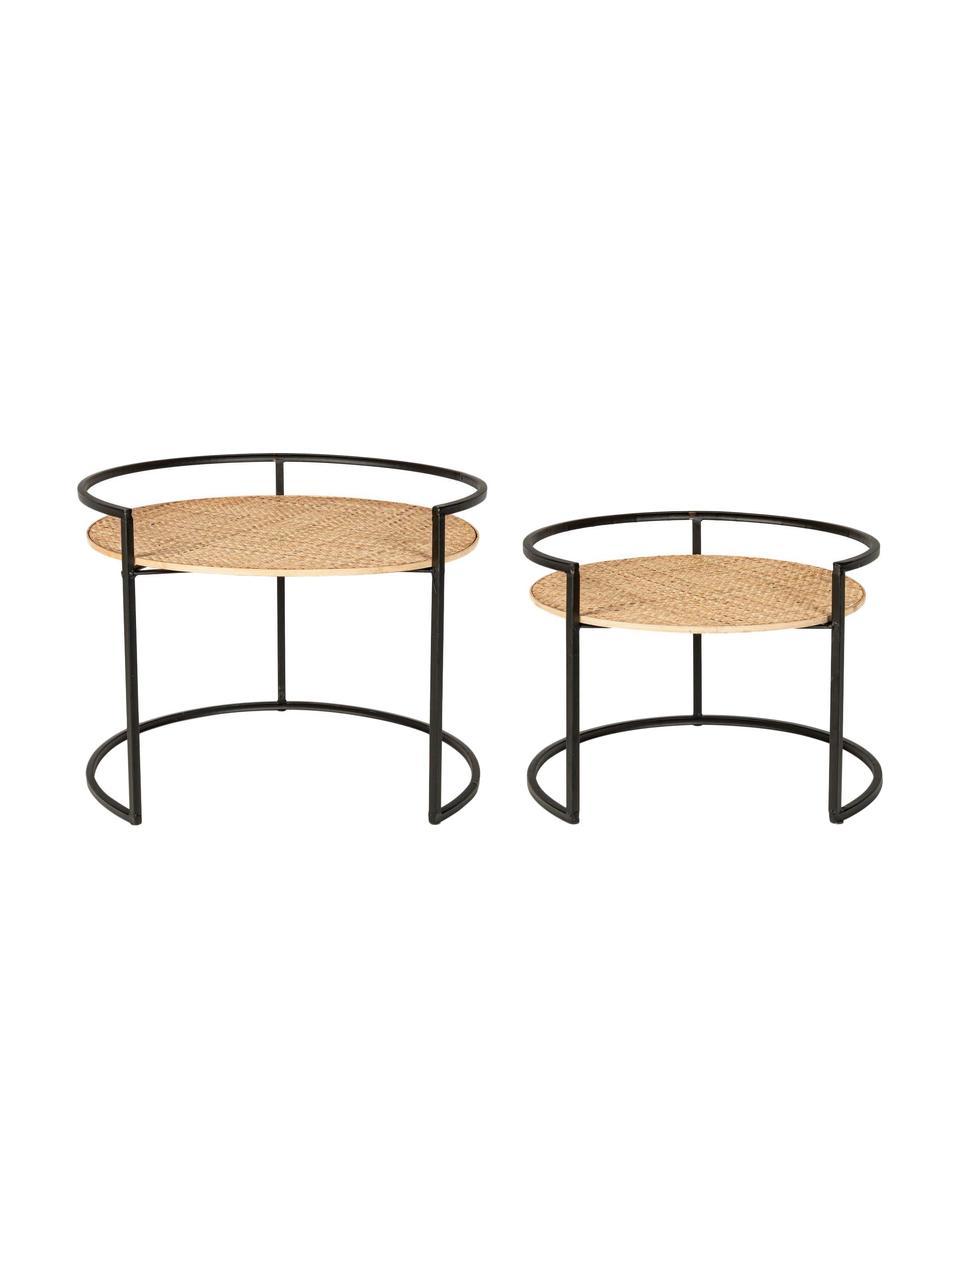 Set 2 tavolini con intreccio in rattan Elyot, Struttura: acciaio verniciato a polv, Marrone chiaro, nero, Set in varie misure